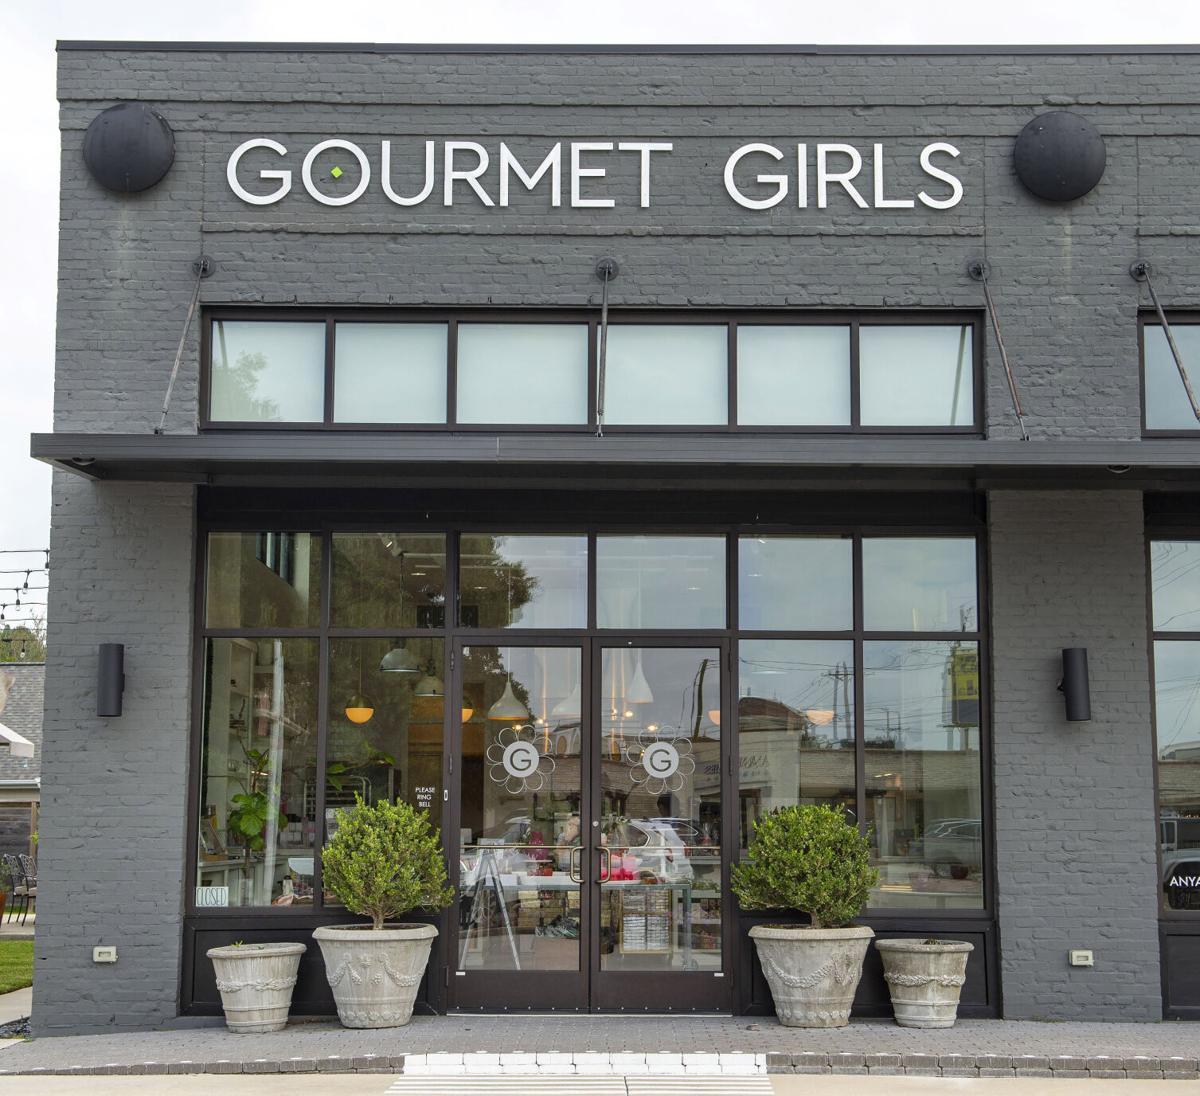 BR.gourmetgirlsliv.061020. 0026 bf.JPG